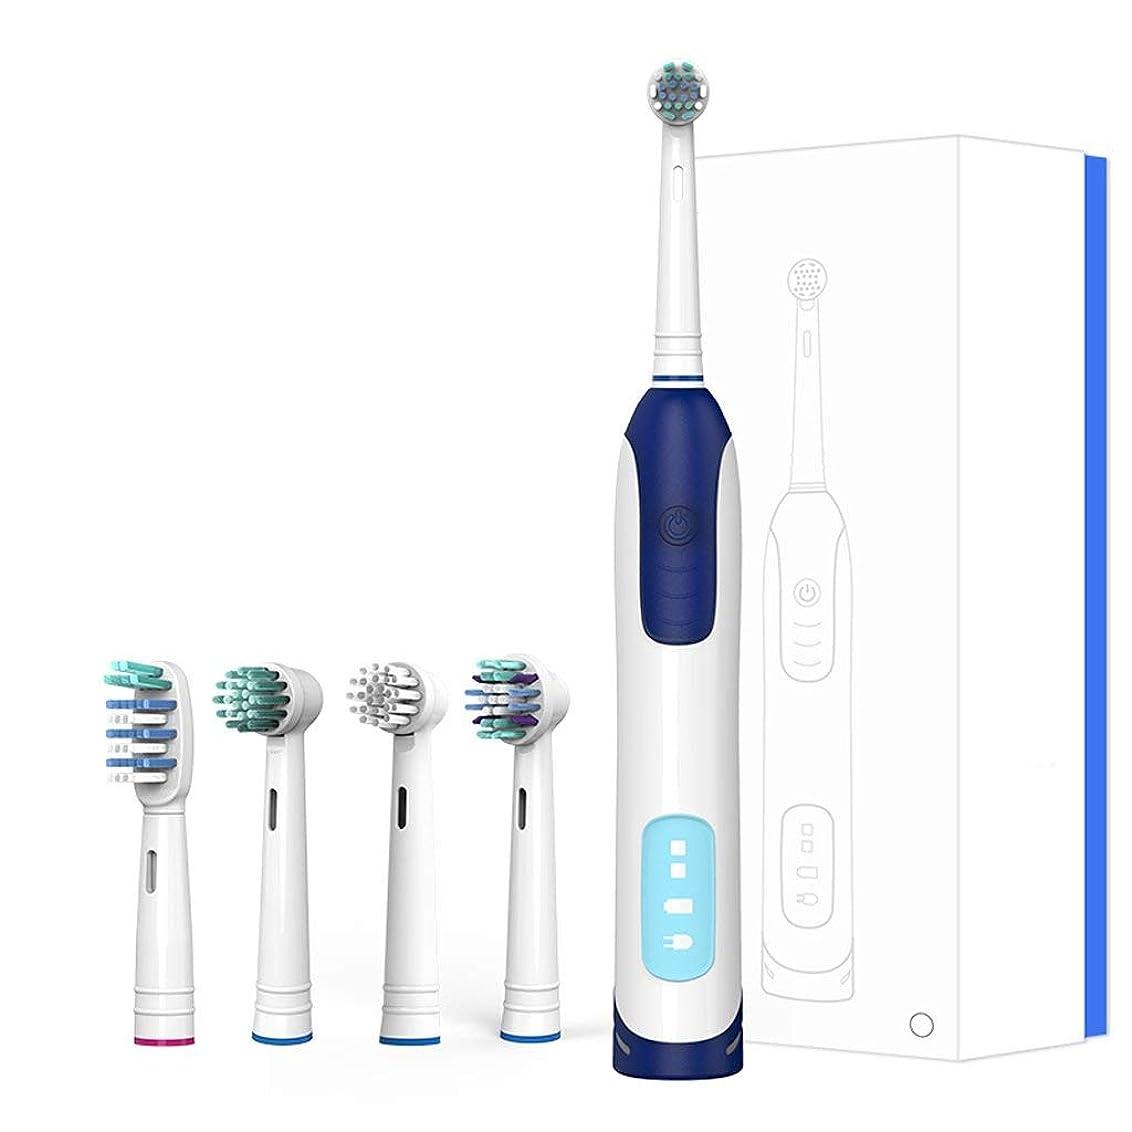 誰でも九汚い回転式電動歯ブラシ大人用電動充電式歯ブラシでより洗練された2分間のスマートクリーニング2スマートタイマー2ブラッシングモード